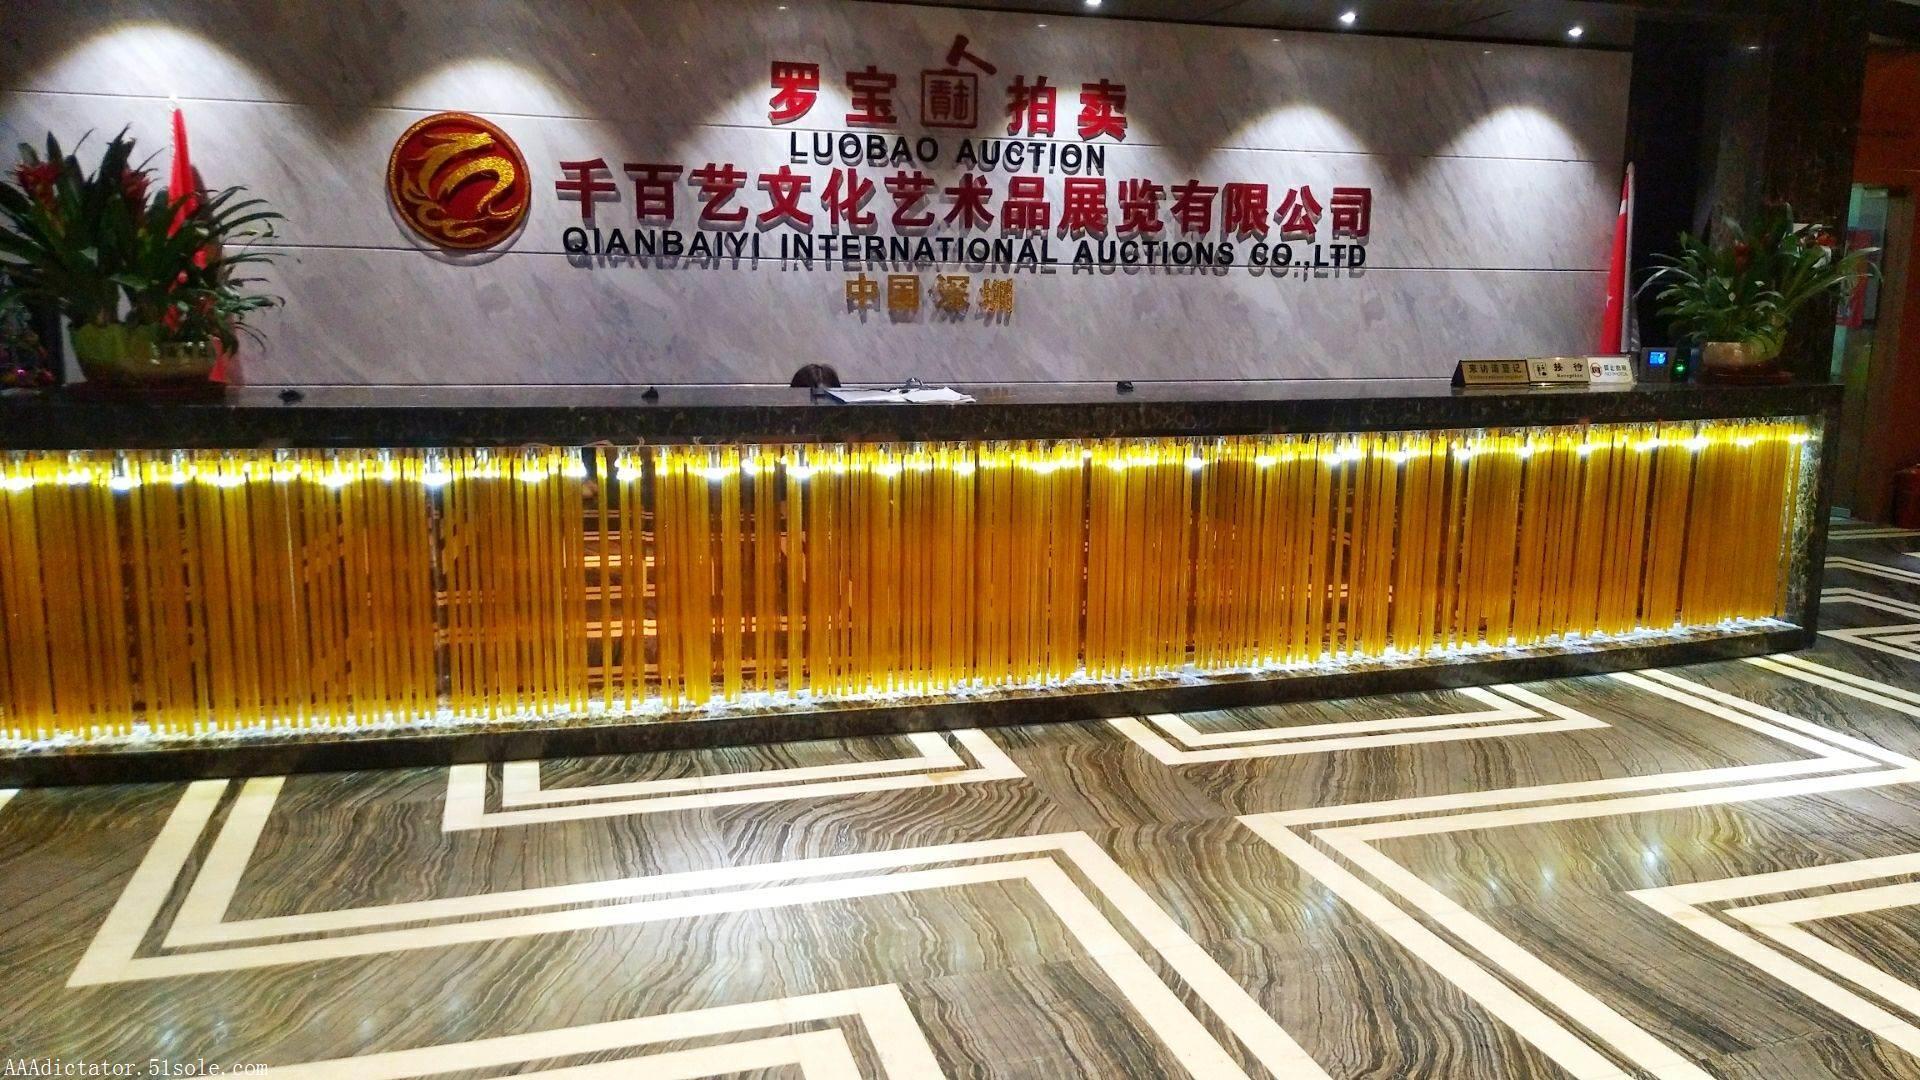 深圳罗宝拍卖公司为何如此受藏家欢迎